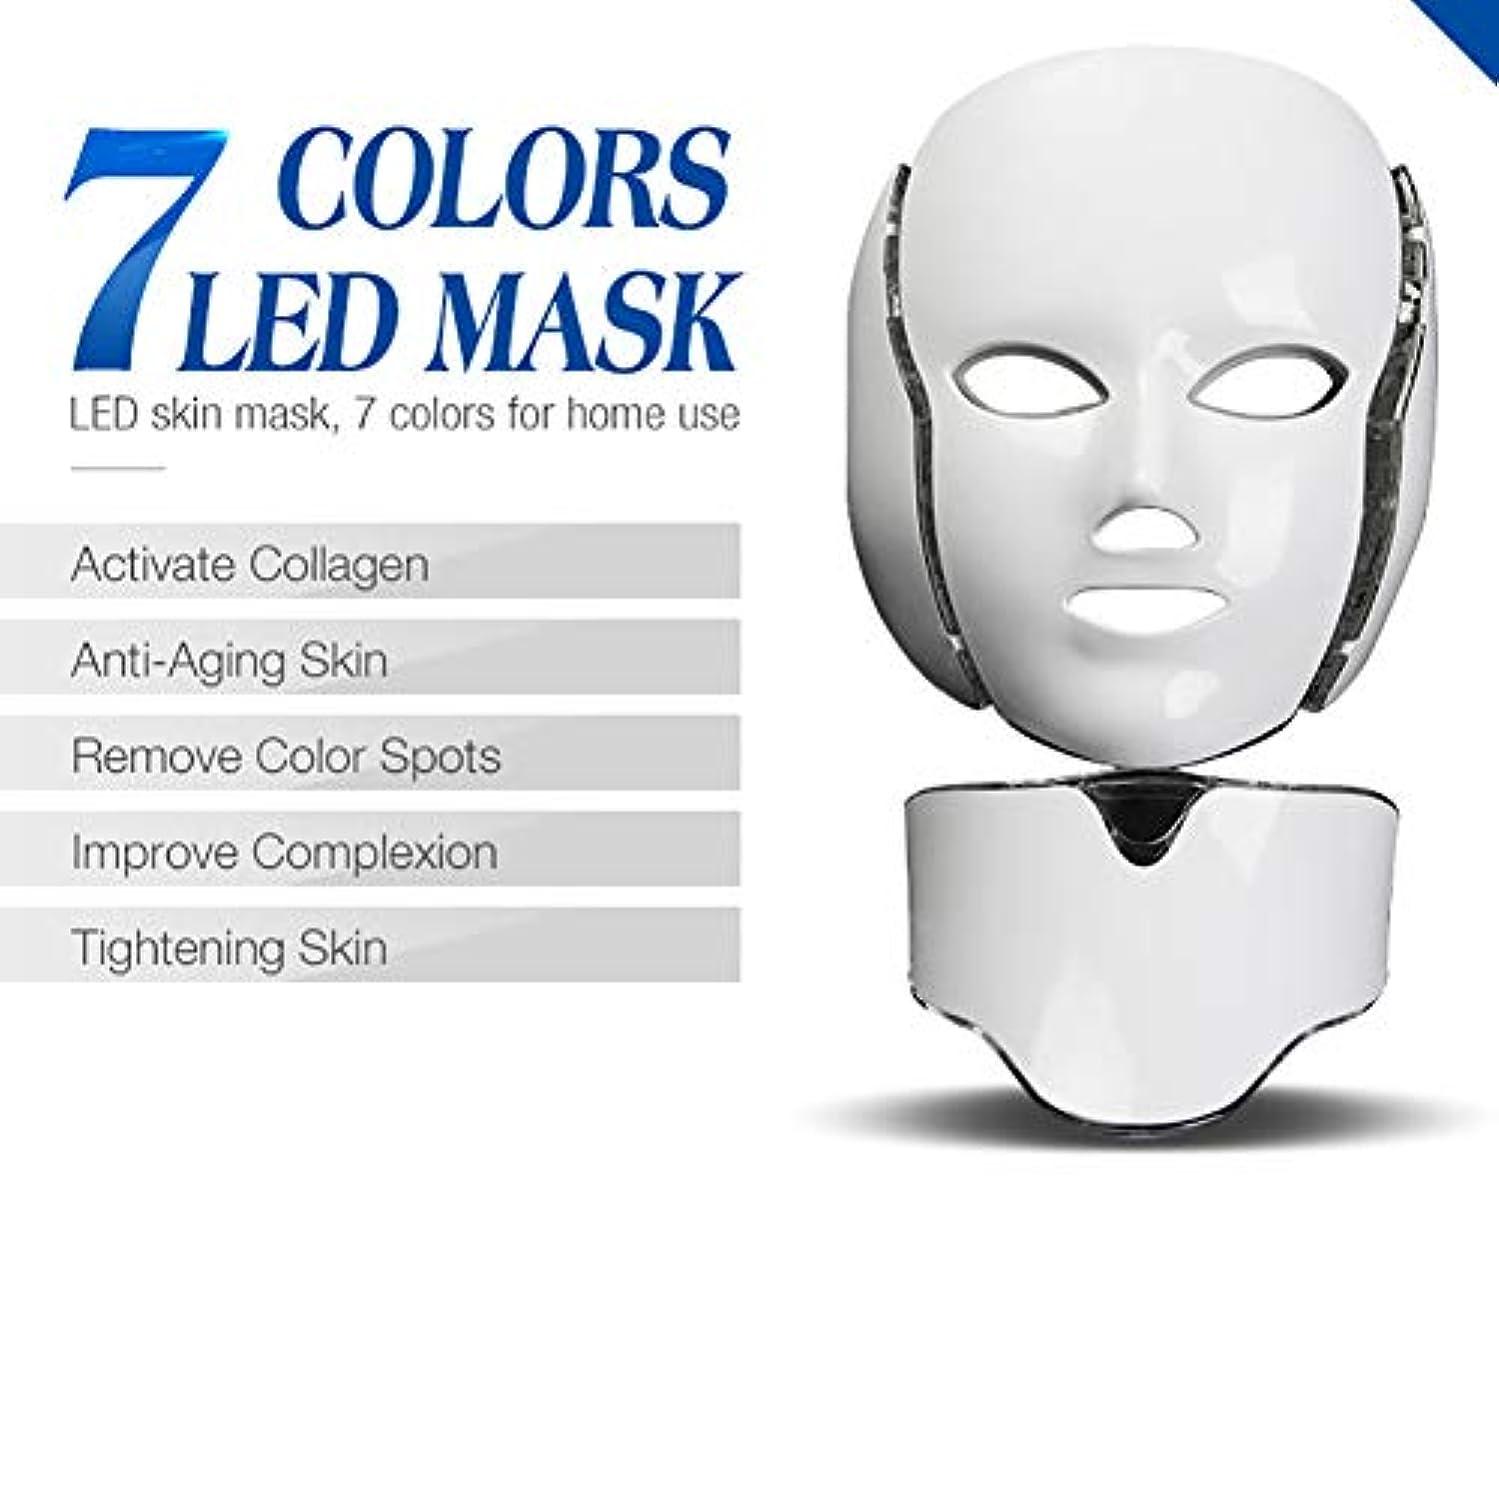 浸食教師の日悲しみ7色ledフェイスマスク、7色電気ledフェイシャルマスク付きネック肌の若返り抗にきびシワ美容トリートメントサロンホームユース